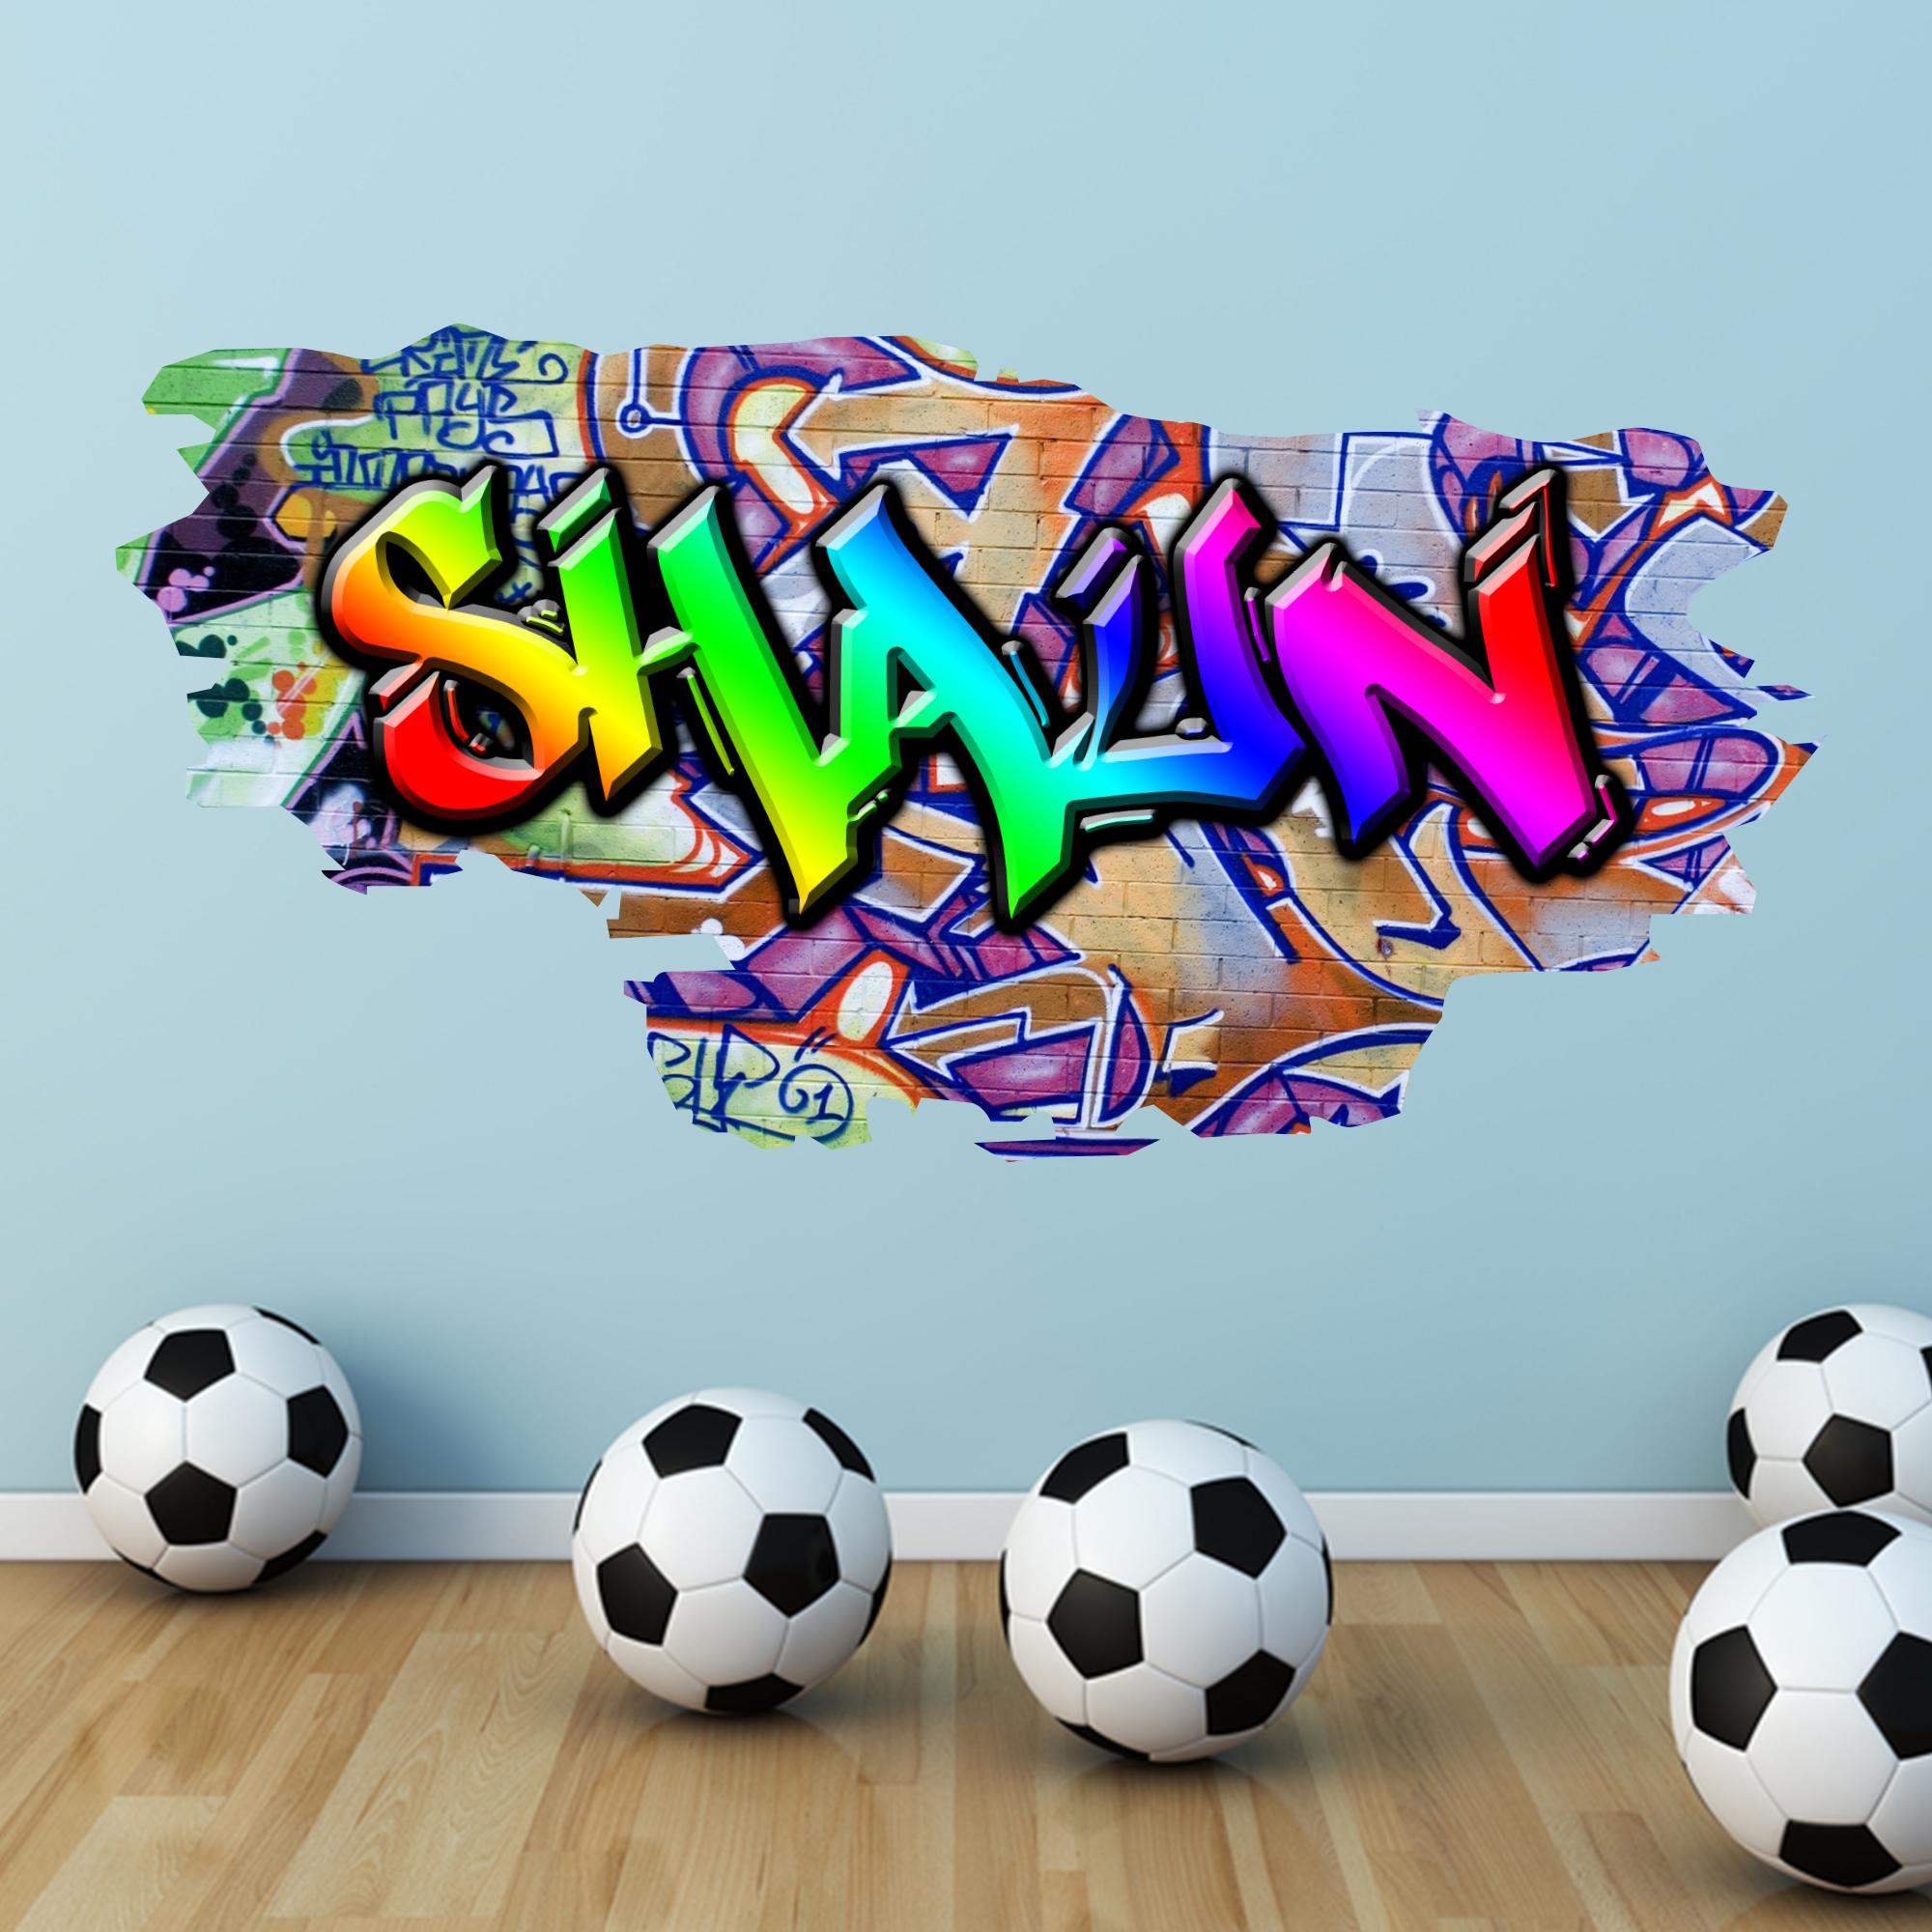 Sticker wall graffiti - Multi Colour Personalised Graffiti Name Brick Wall Sticker Decal Graphic Bedroom